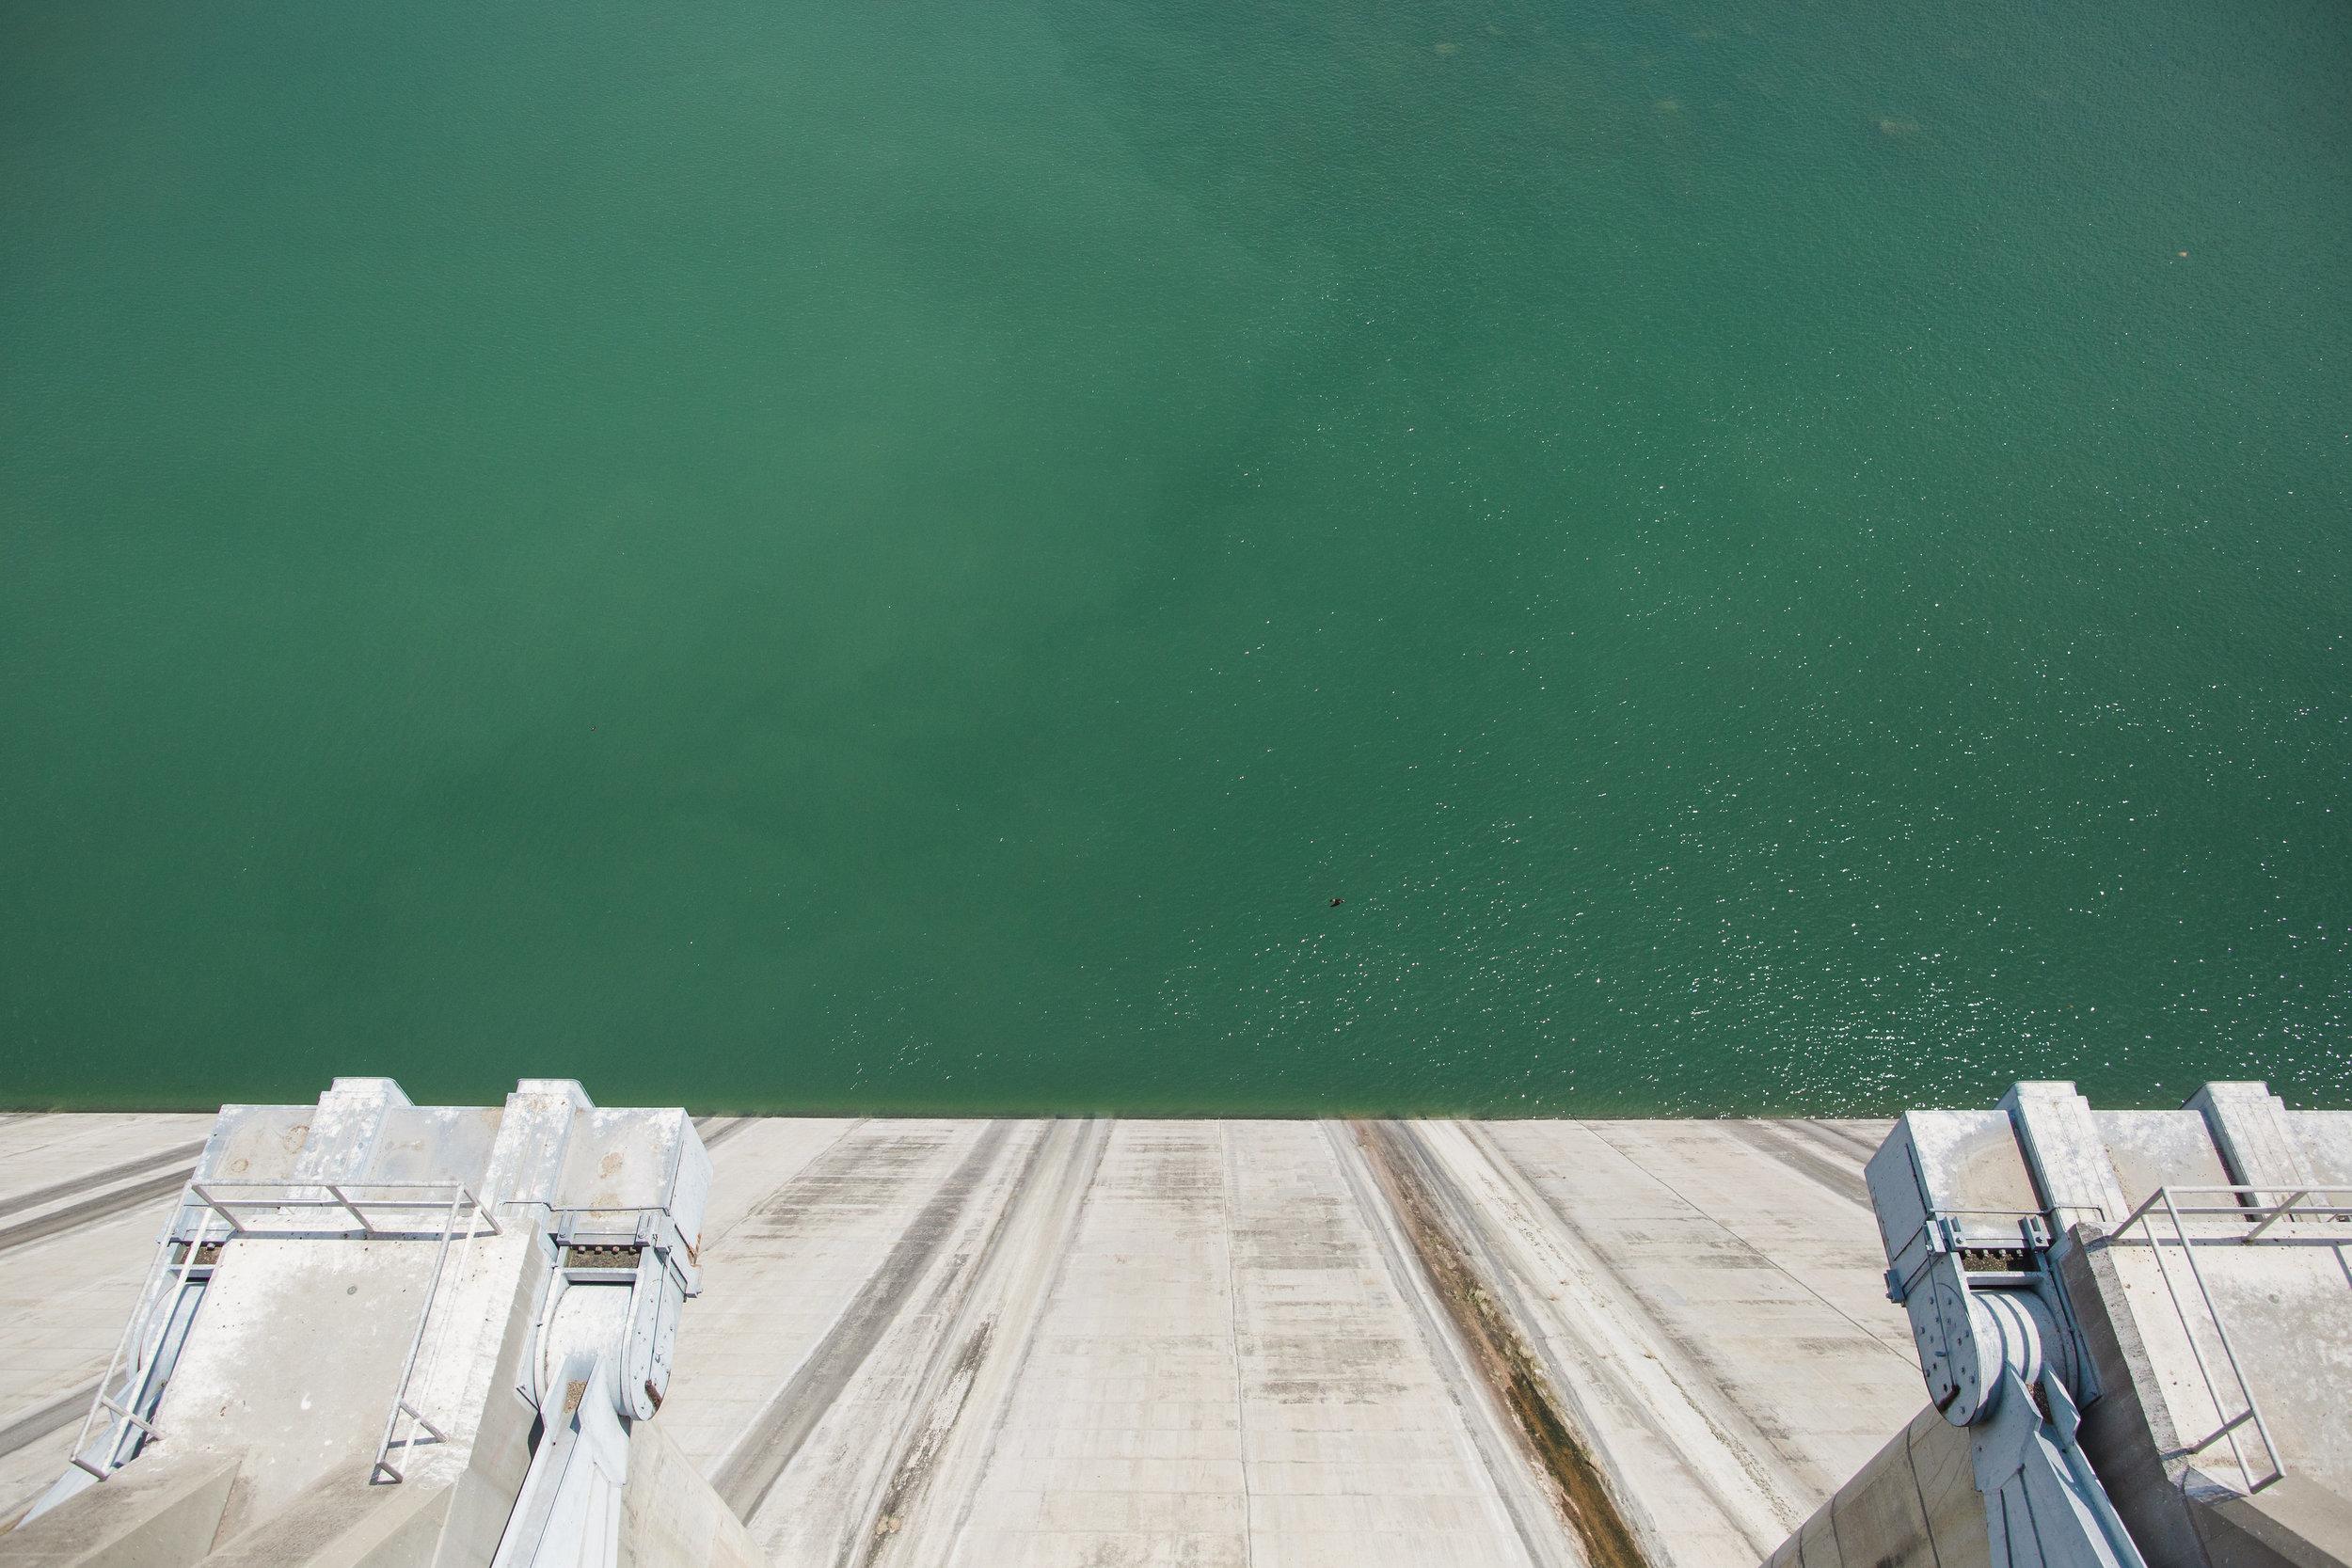 DEL-RIO-Day05-0013.jpg